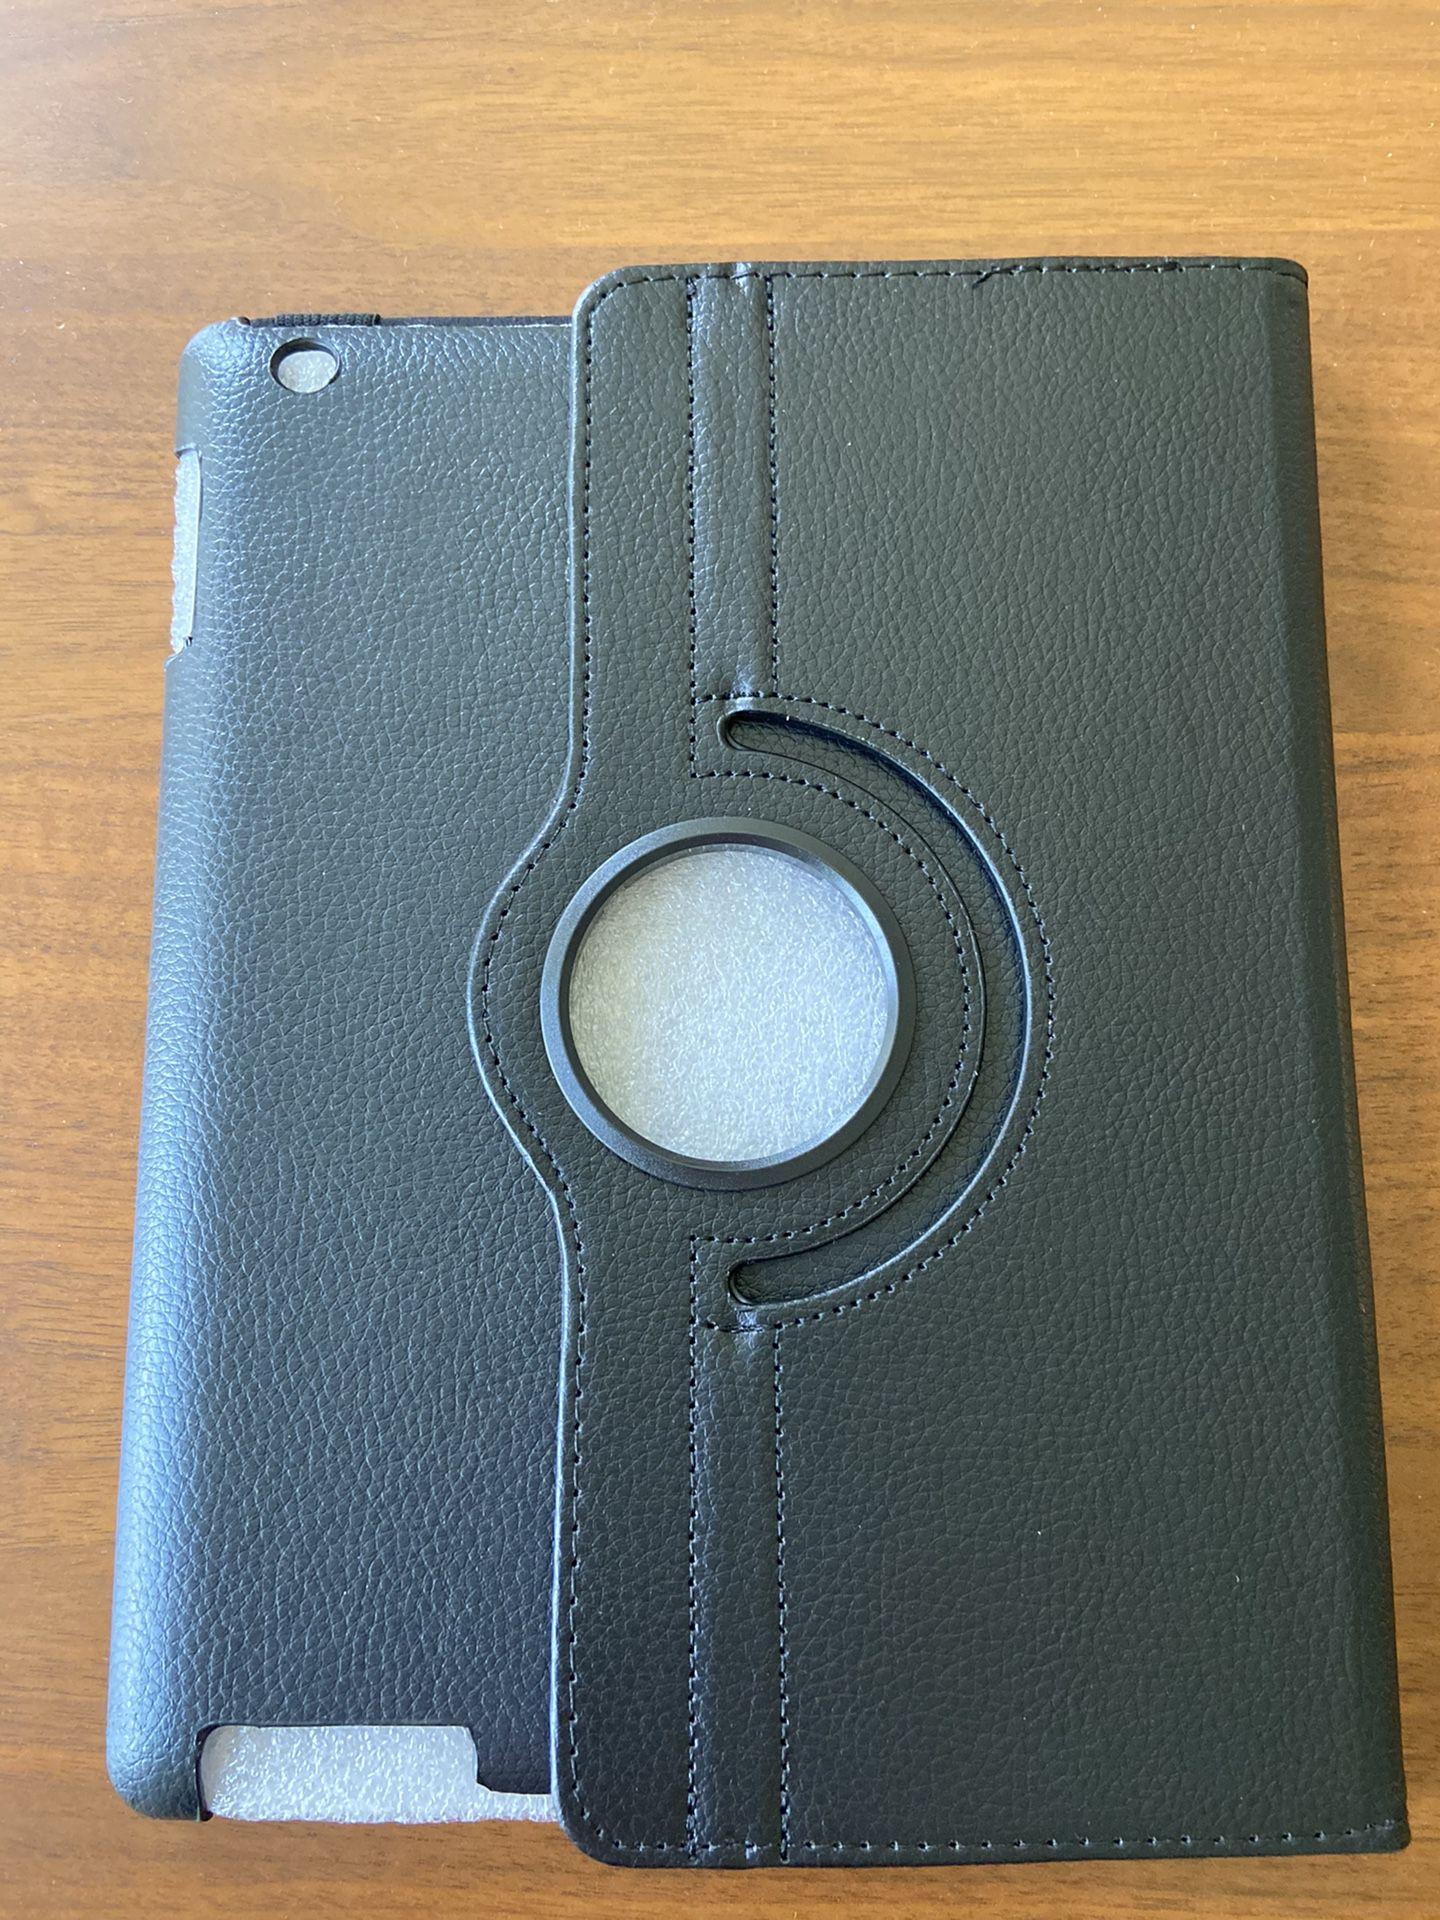 Nuevo! Cover para iPad 2,3,4